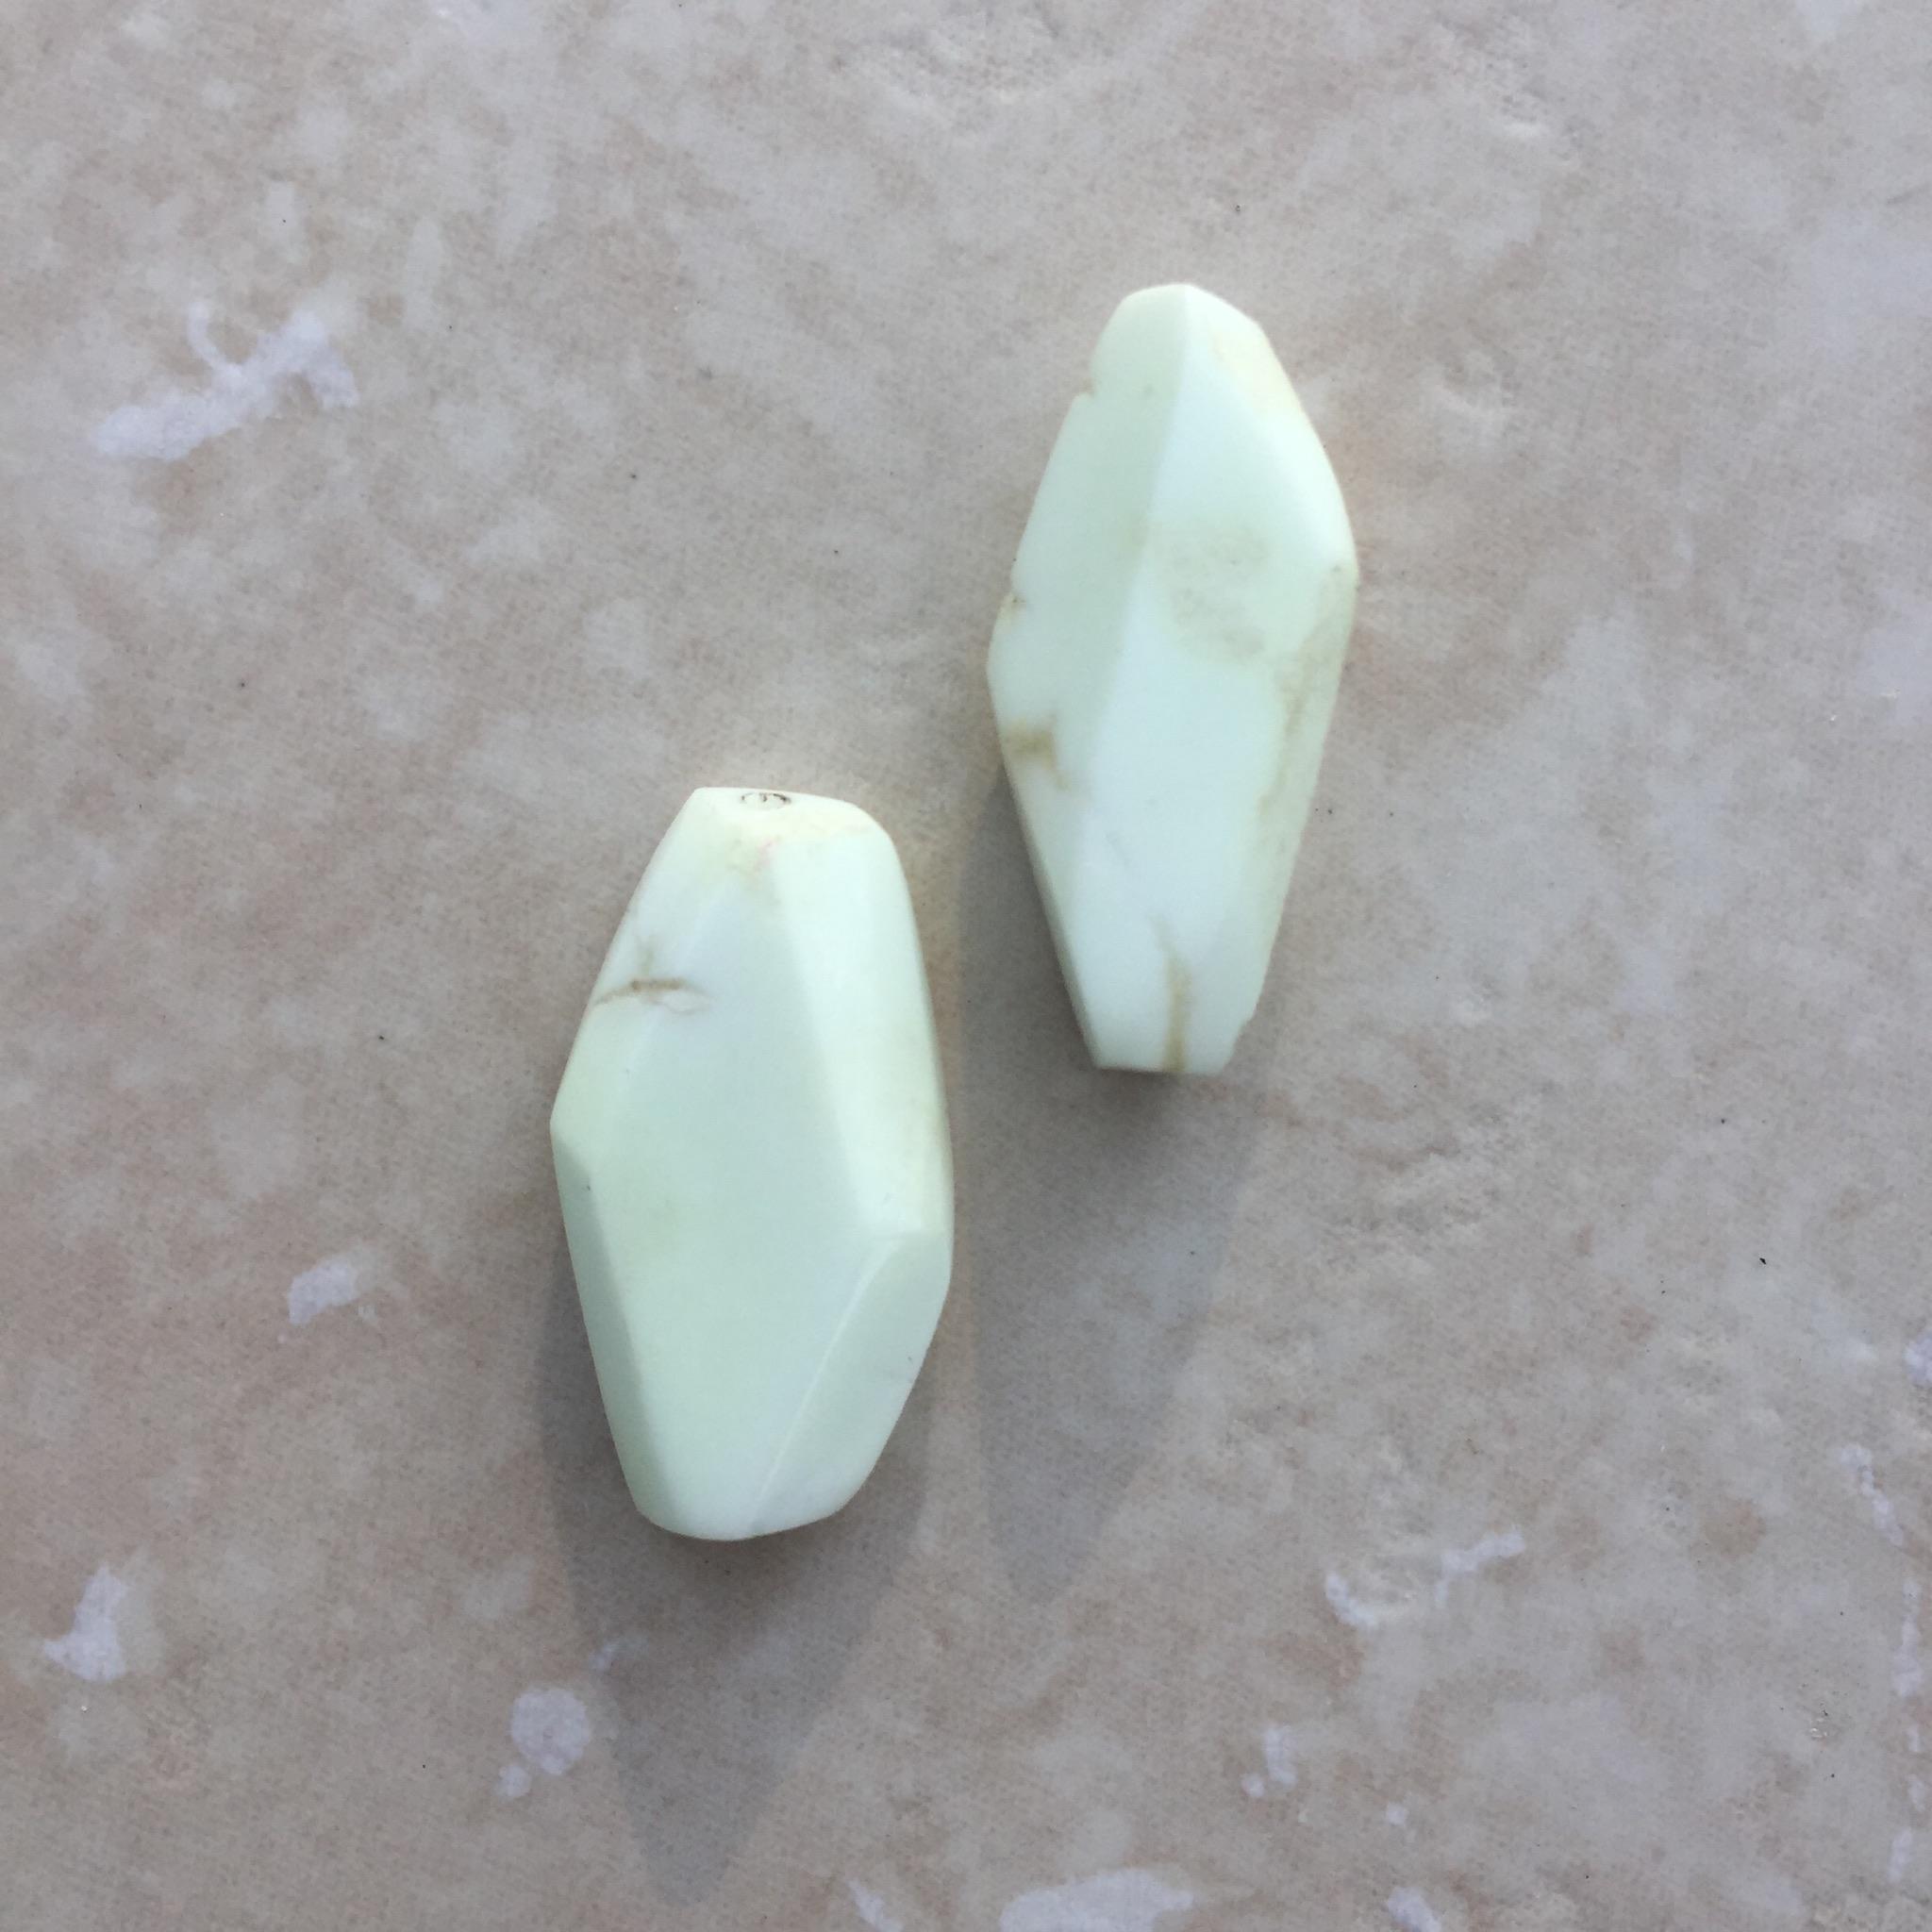 Geometric cut lemon chrysoprase.